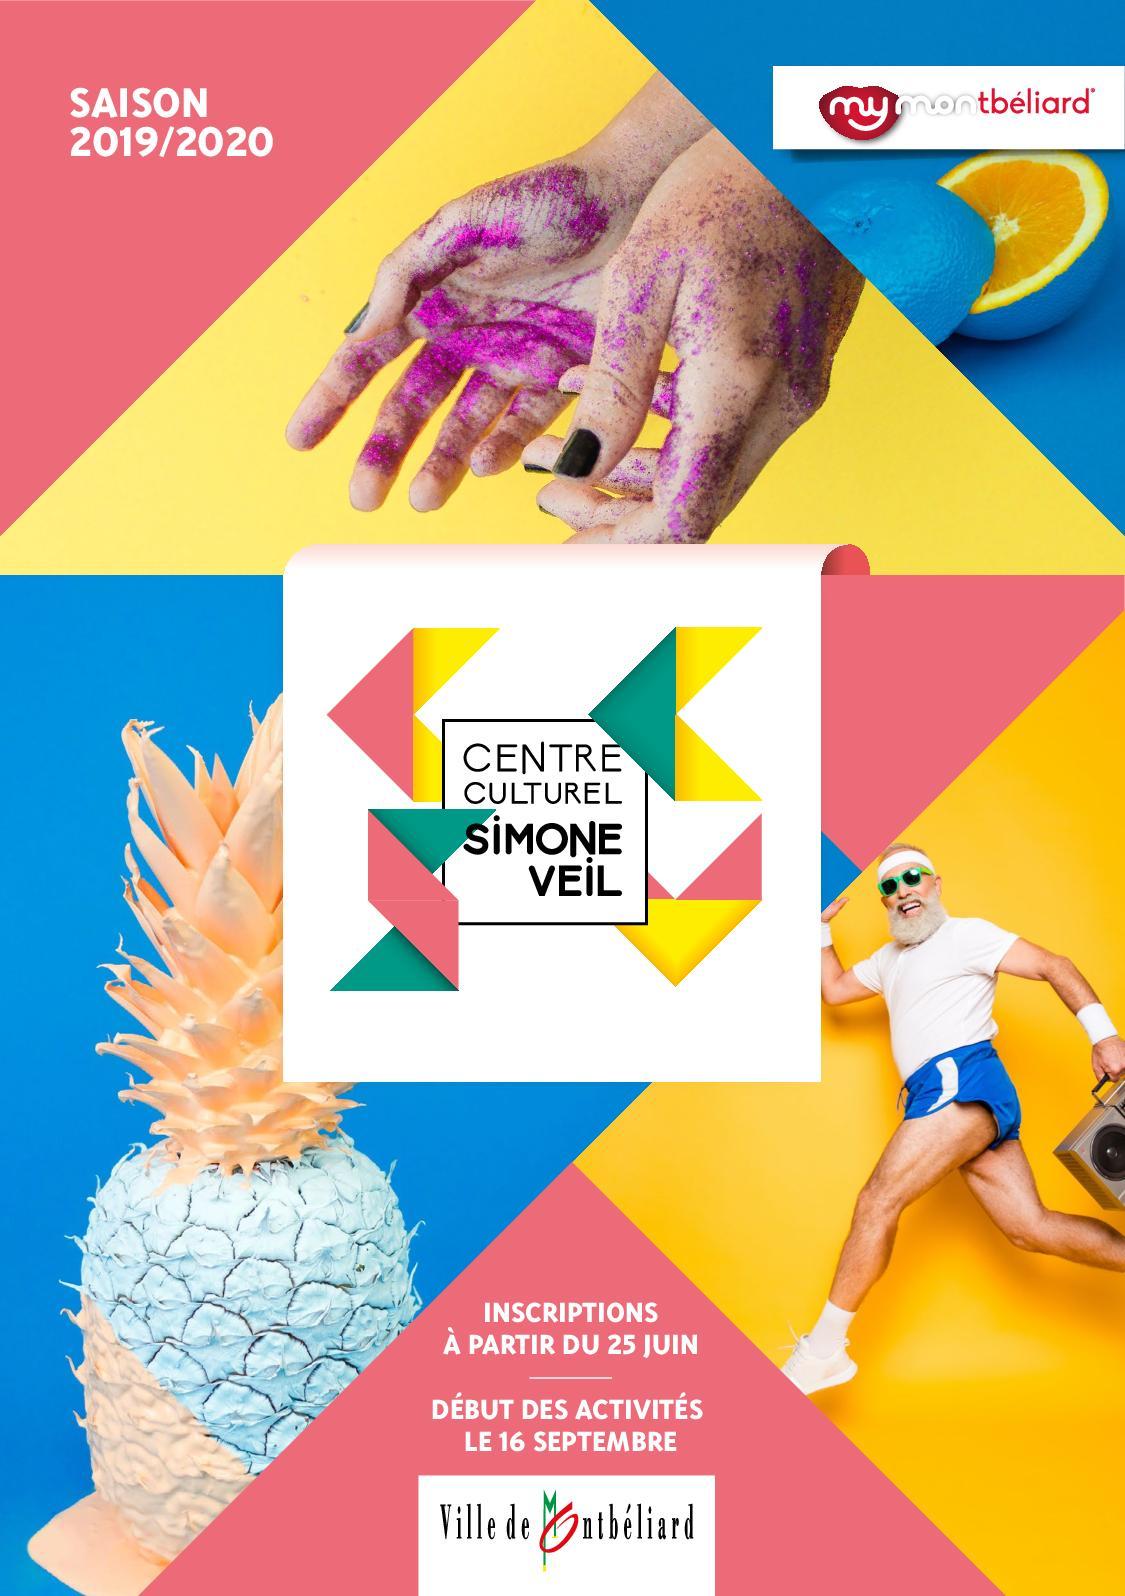 Cours De Dessin Montbéliard calaméo - programme du centre culturel simone veil 2019/2020